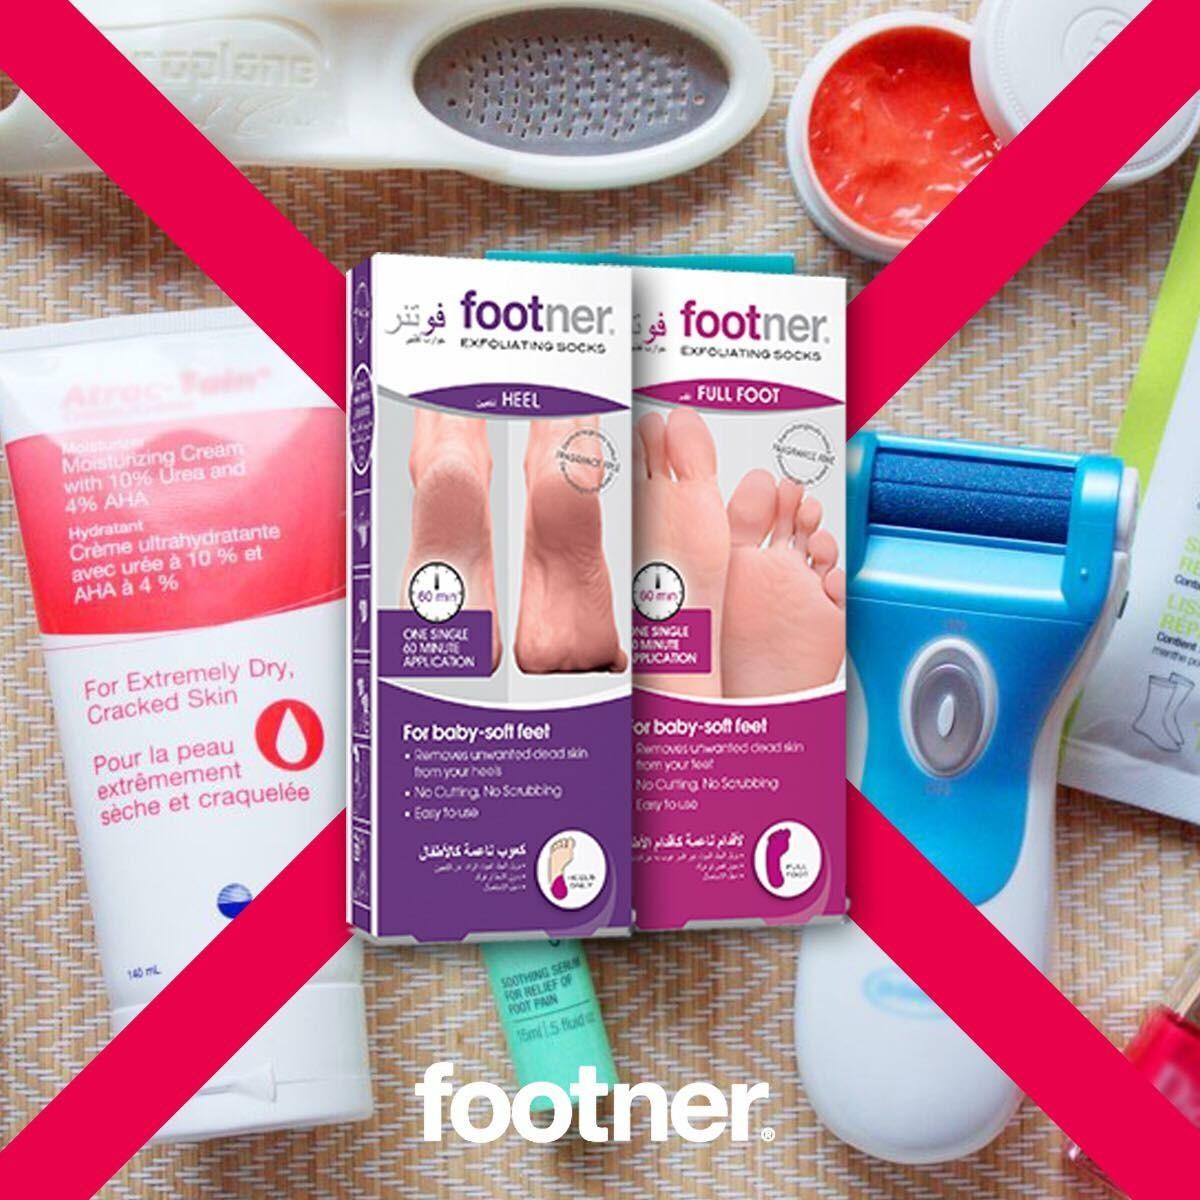 Footner2